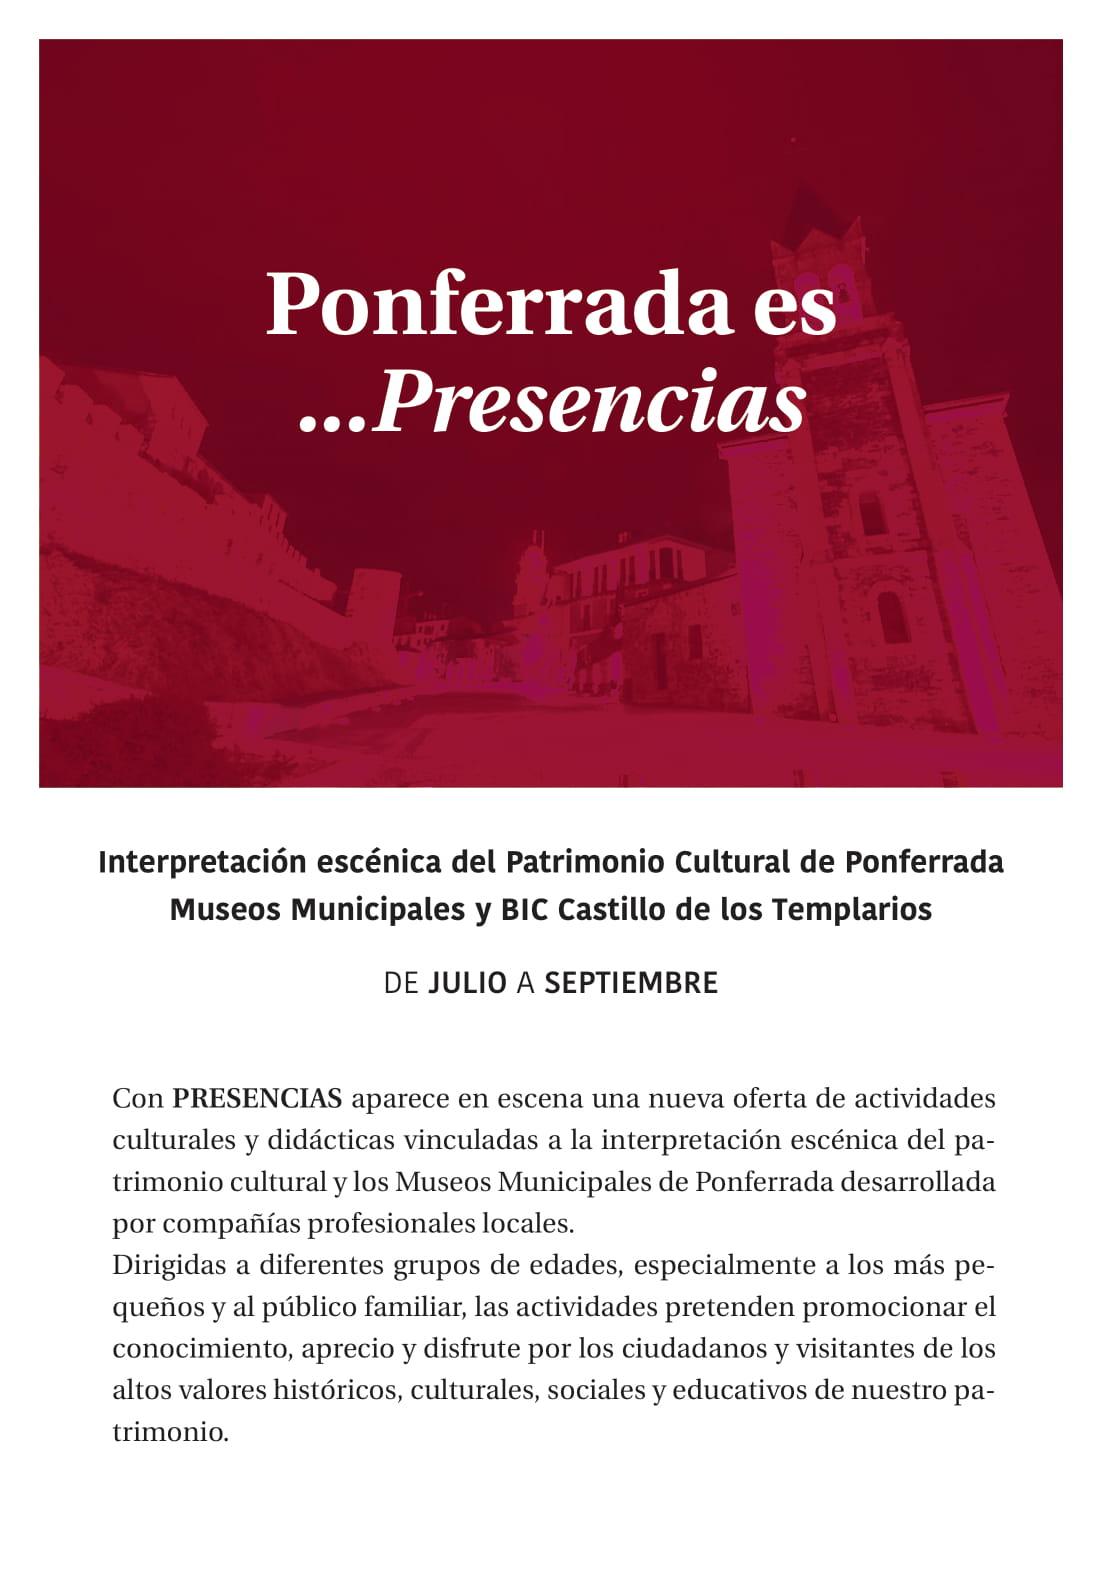 Ponferrada será... música, cultura, monumentos, turismo y más durante el verano de 2021 28